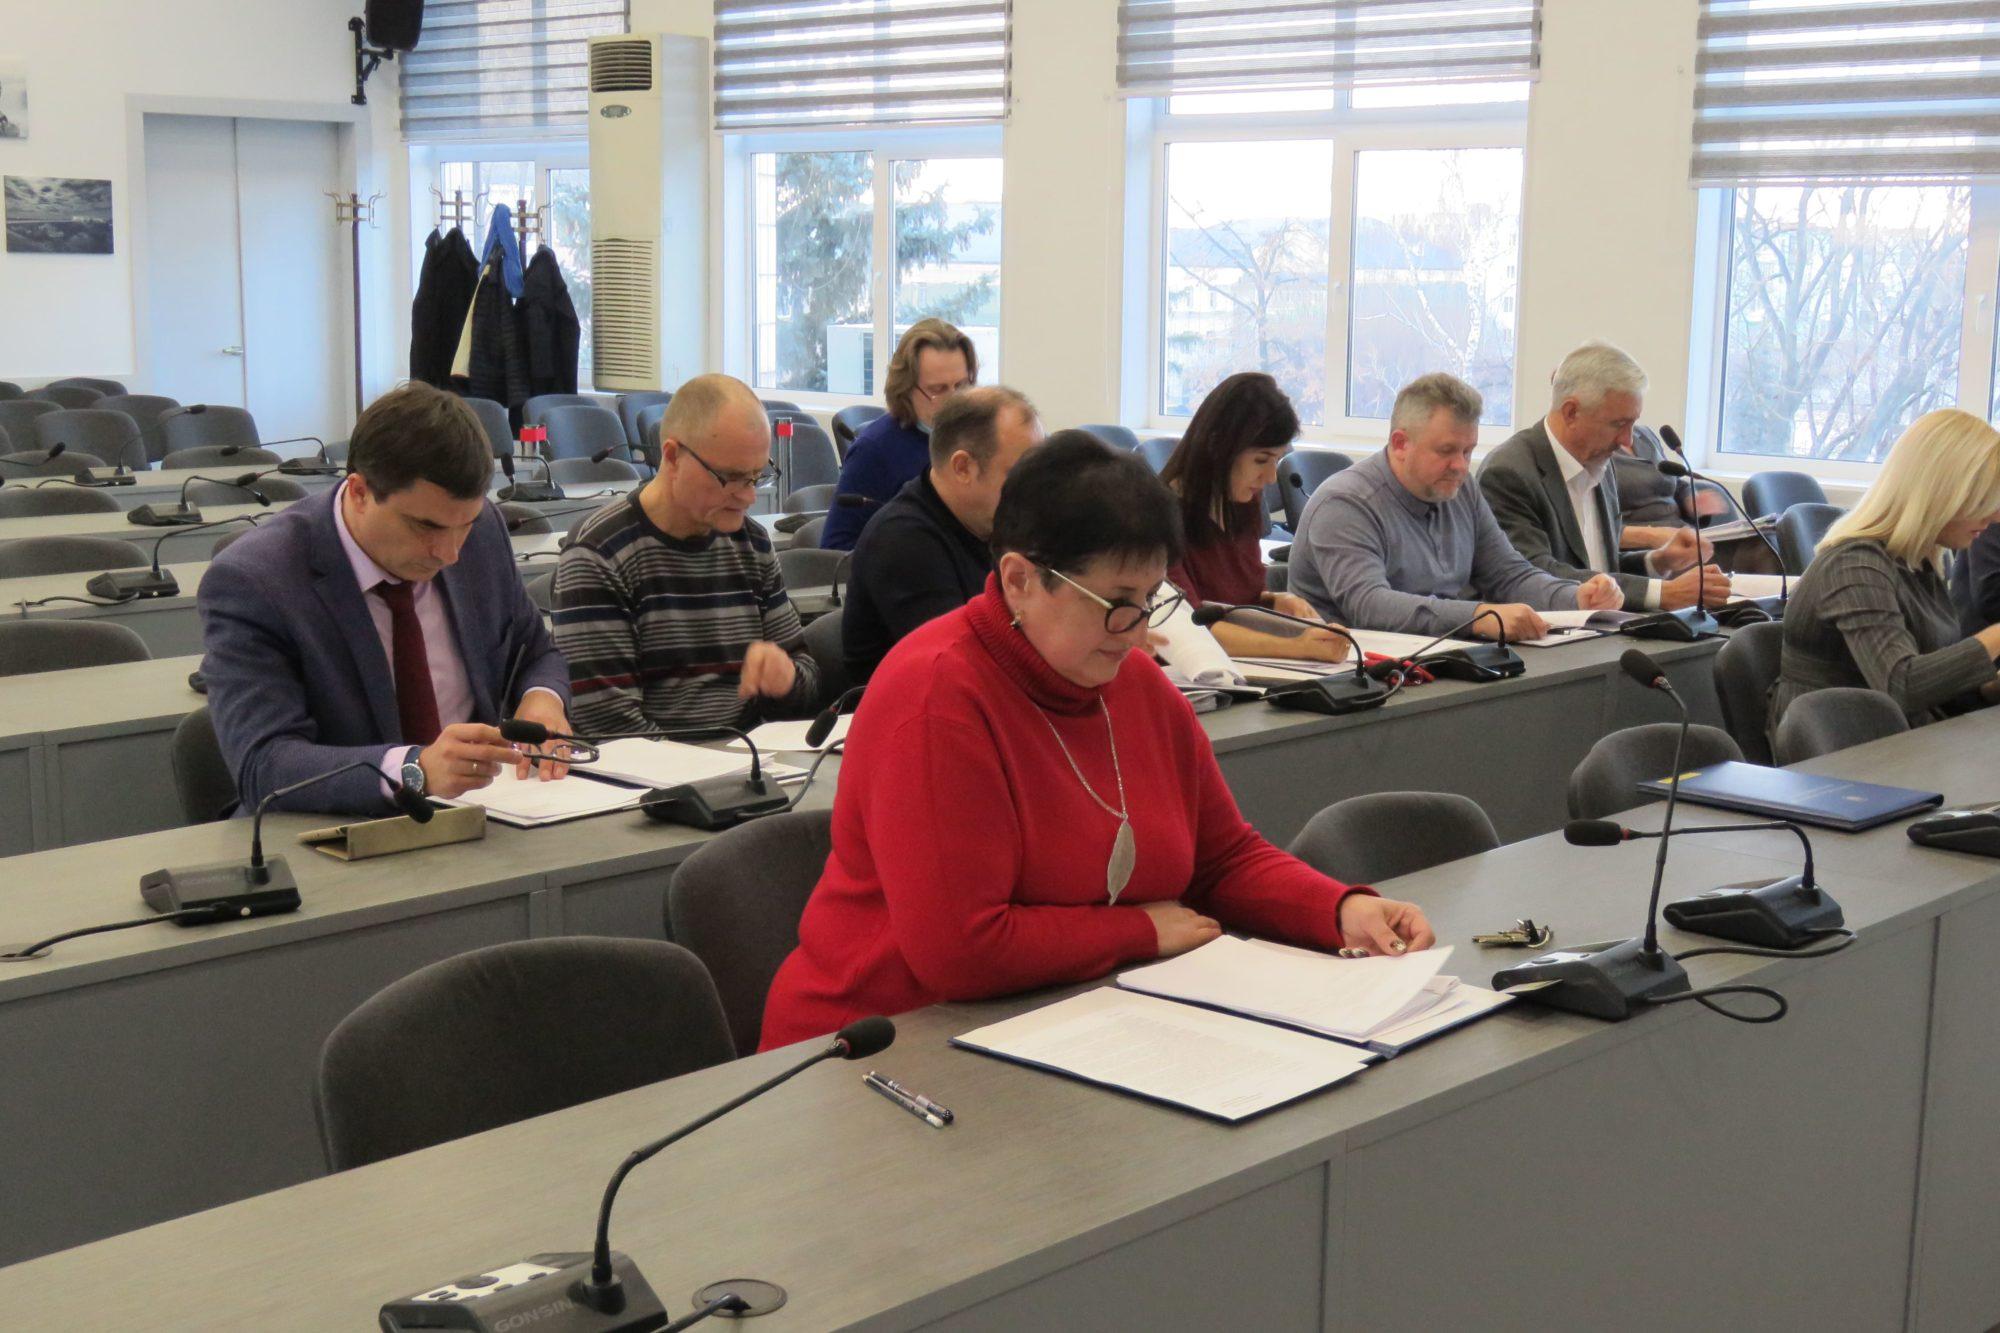 На засіданні Білоцерківського виконкому схвалили проєкт бюджету міста на 2020 рік - білоцерківський виконком, Біла Церква - imgbig 7 2000x1333